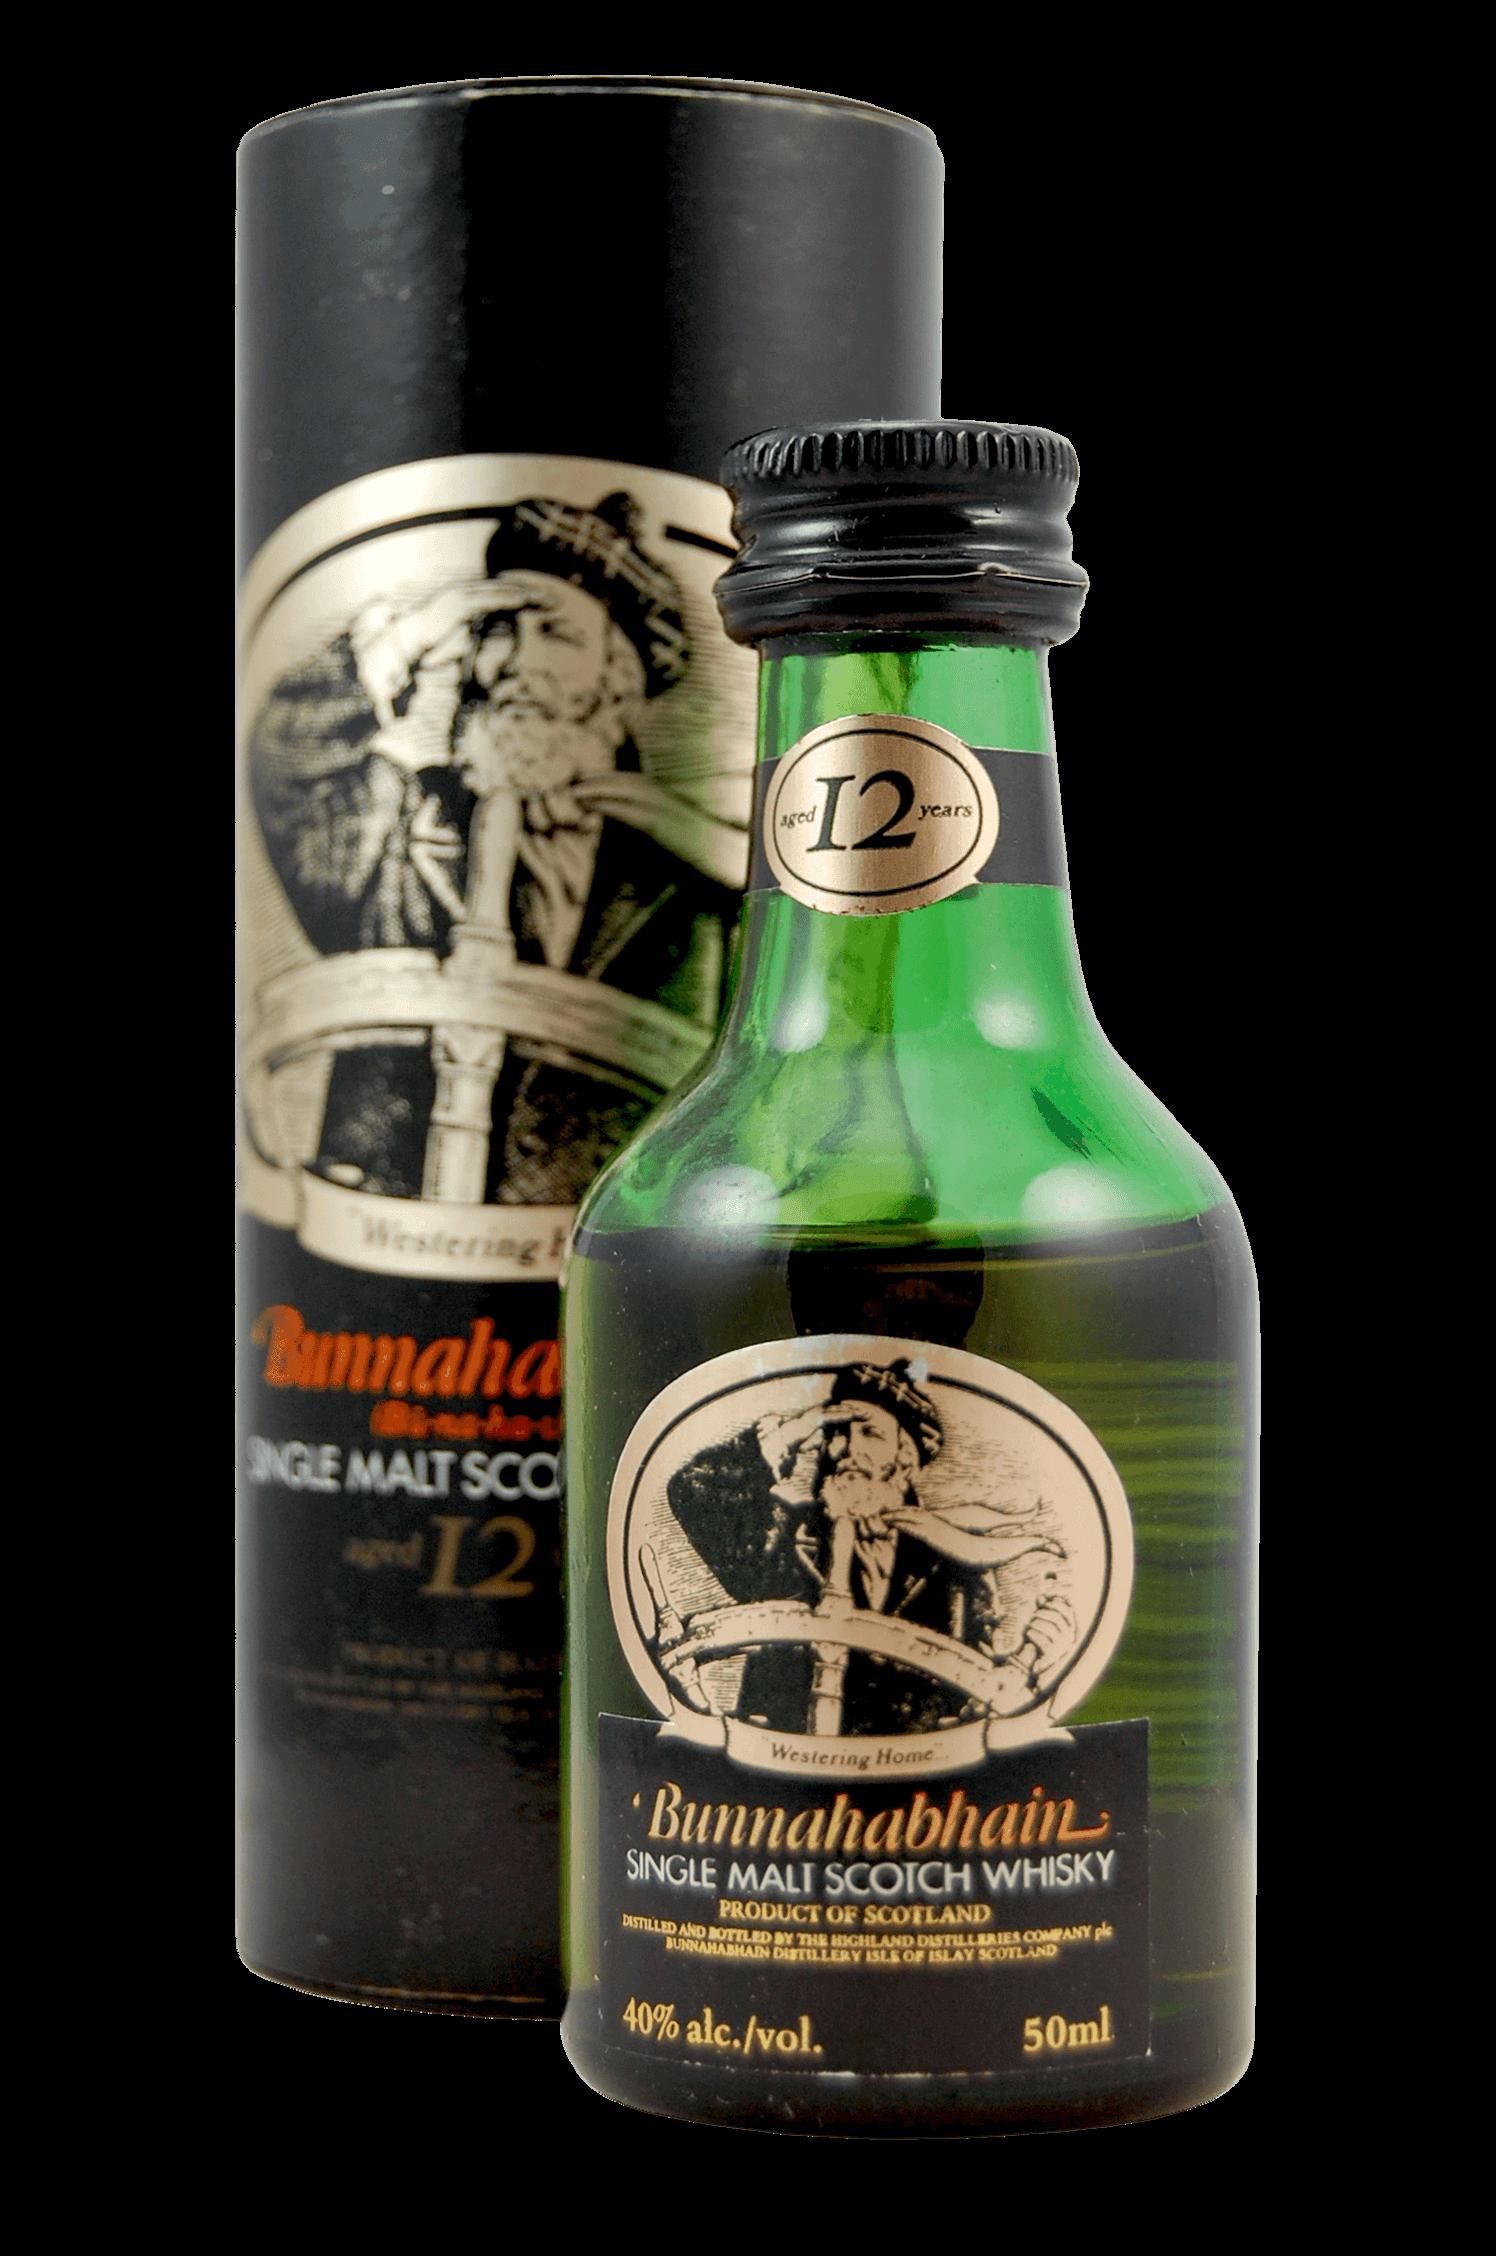 Bunnahabhain Scotch Whisky